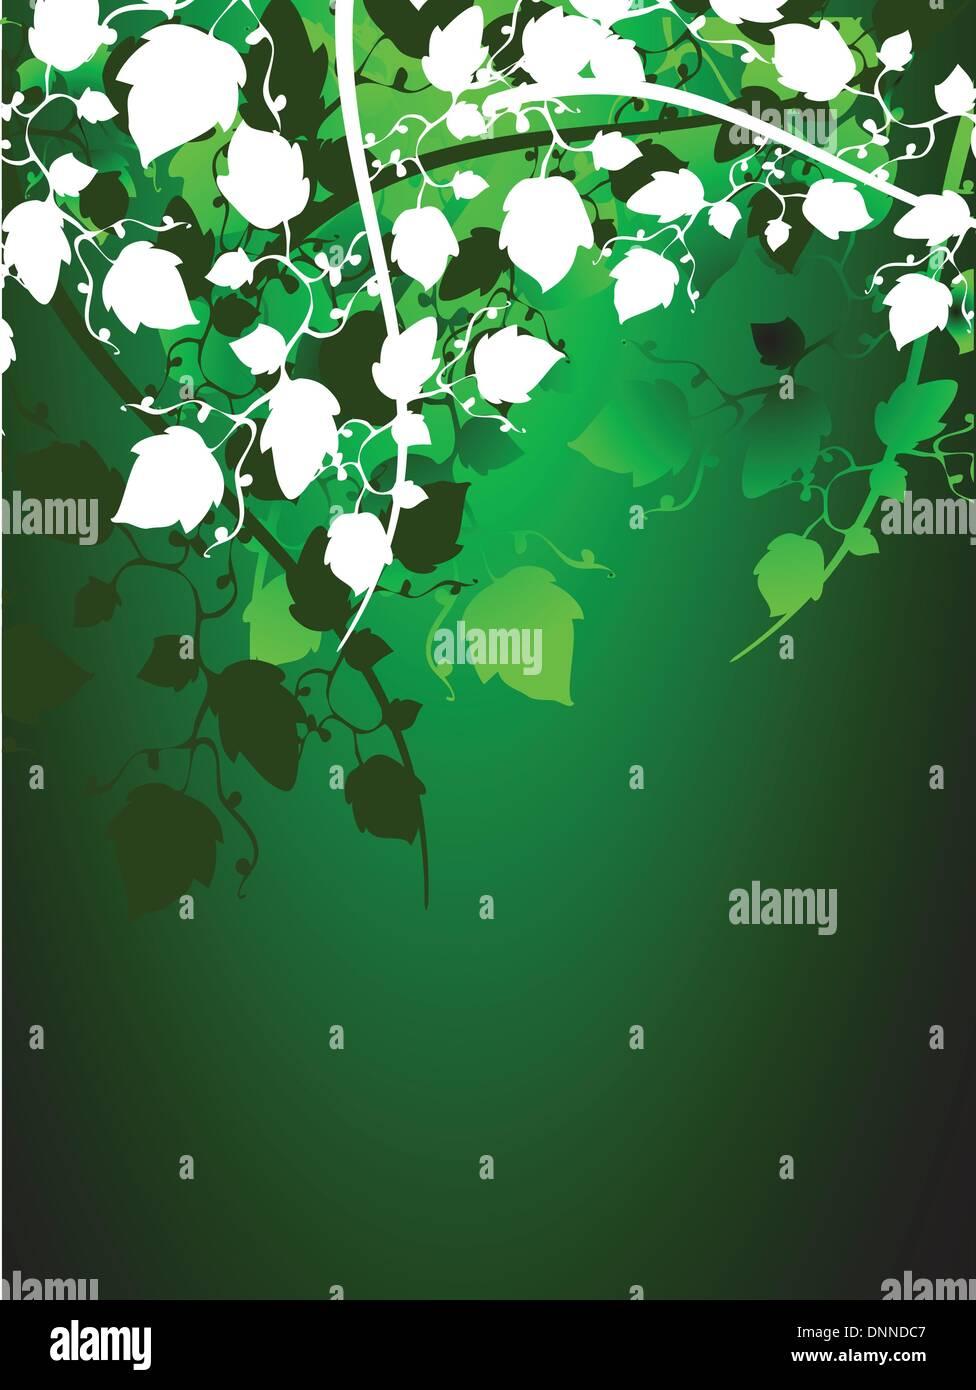 Foliage background - Stock Image